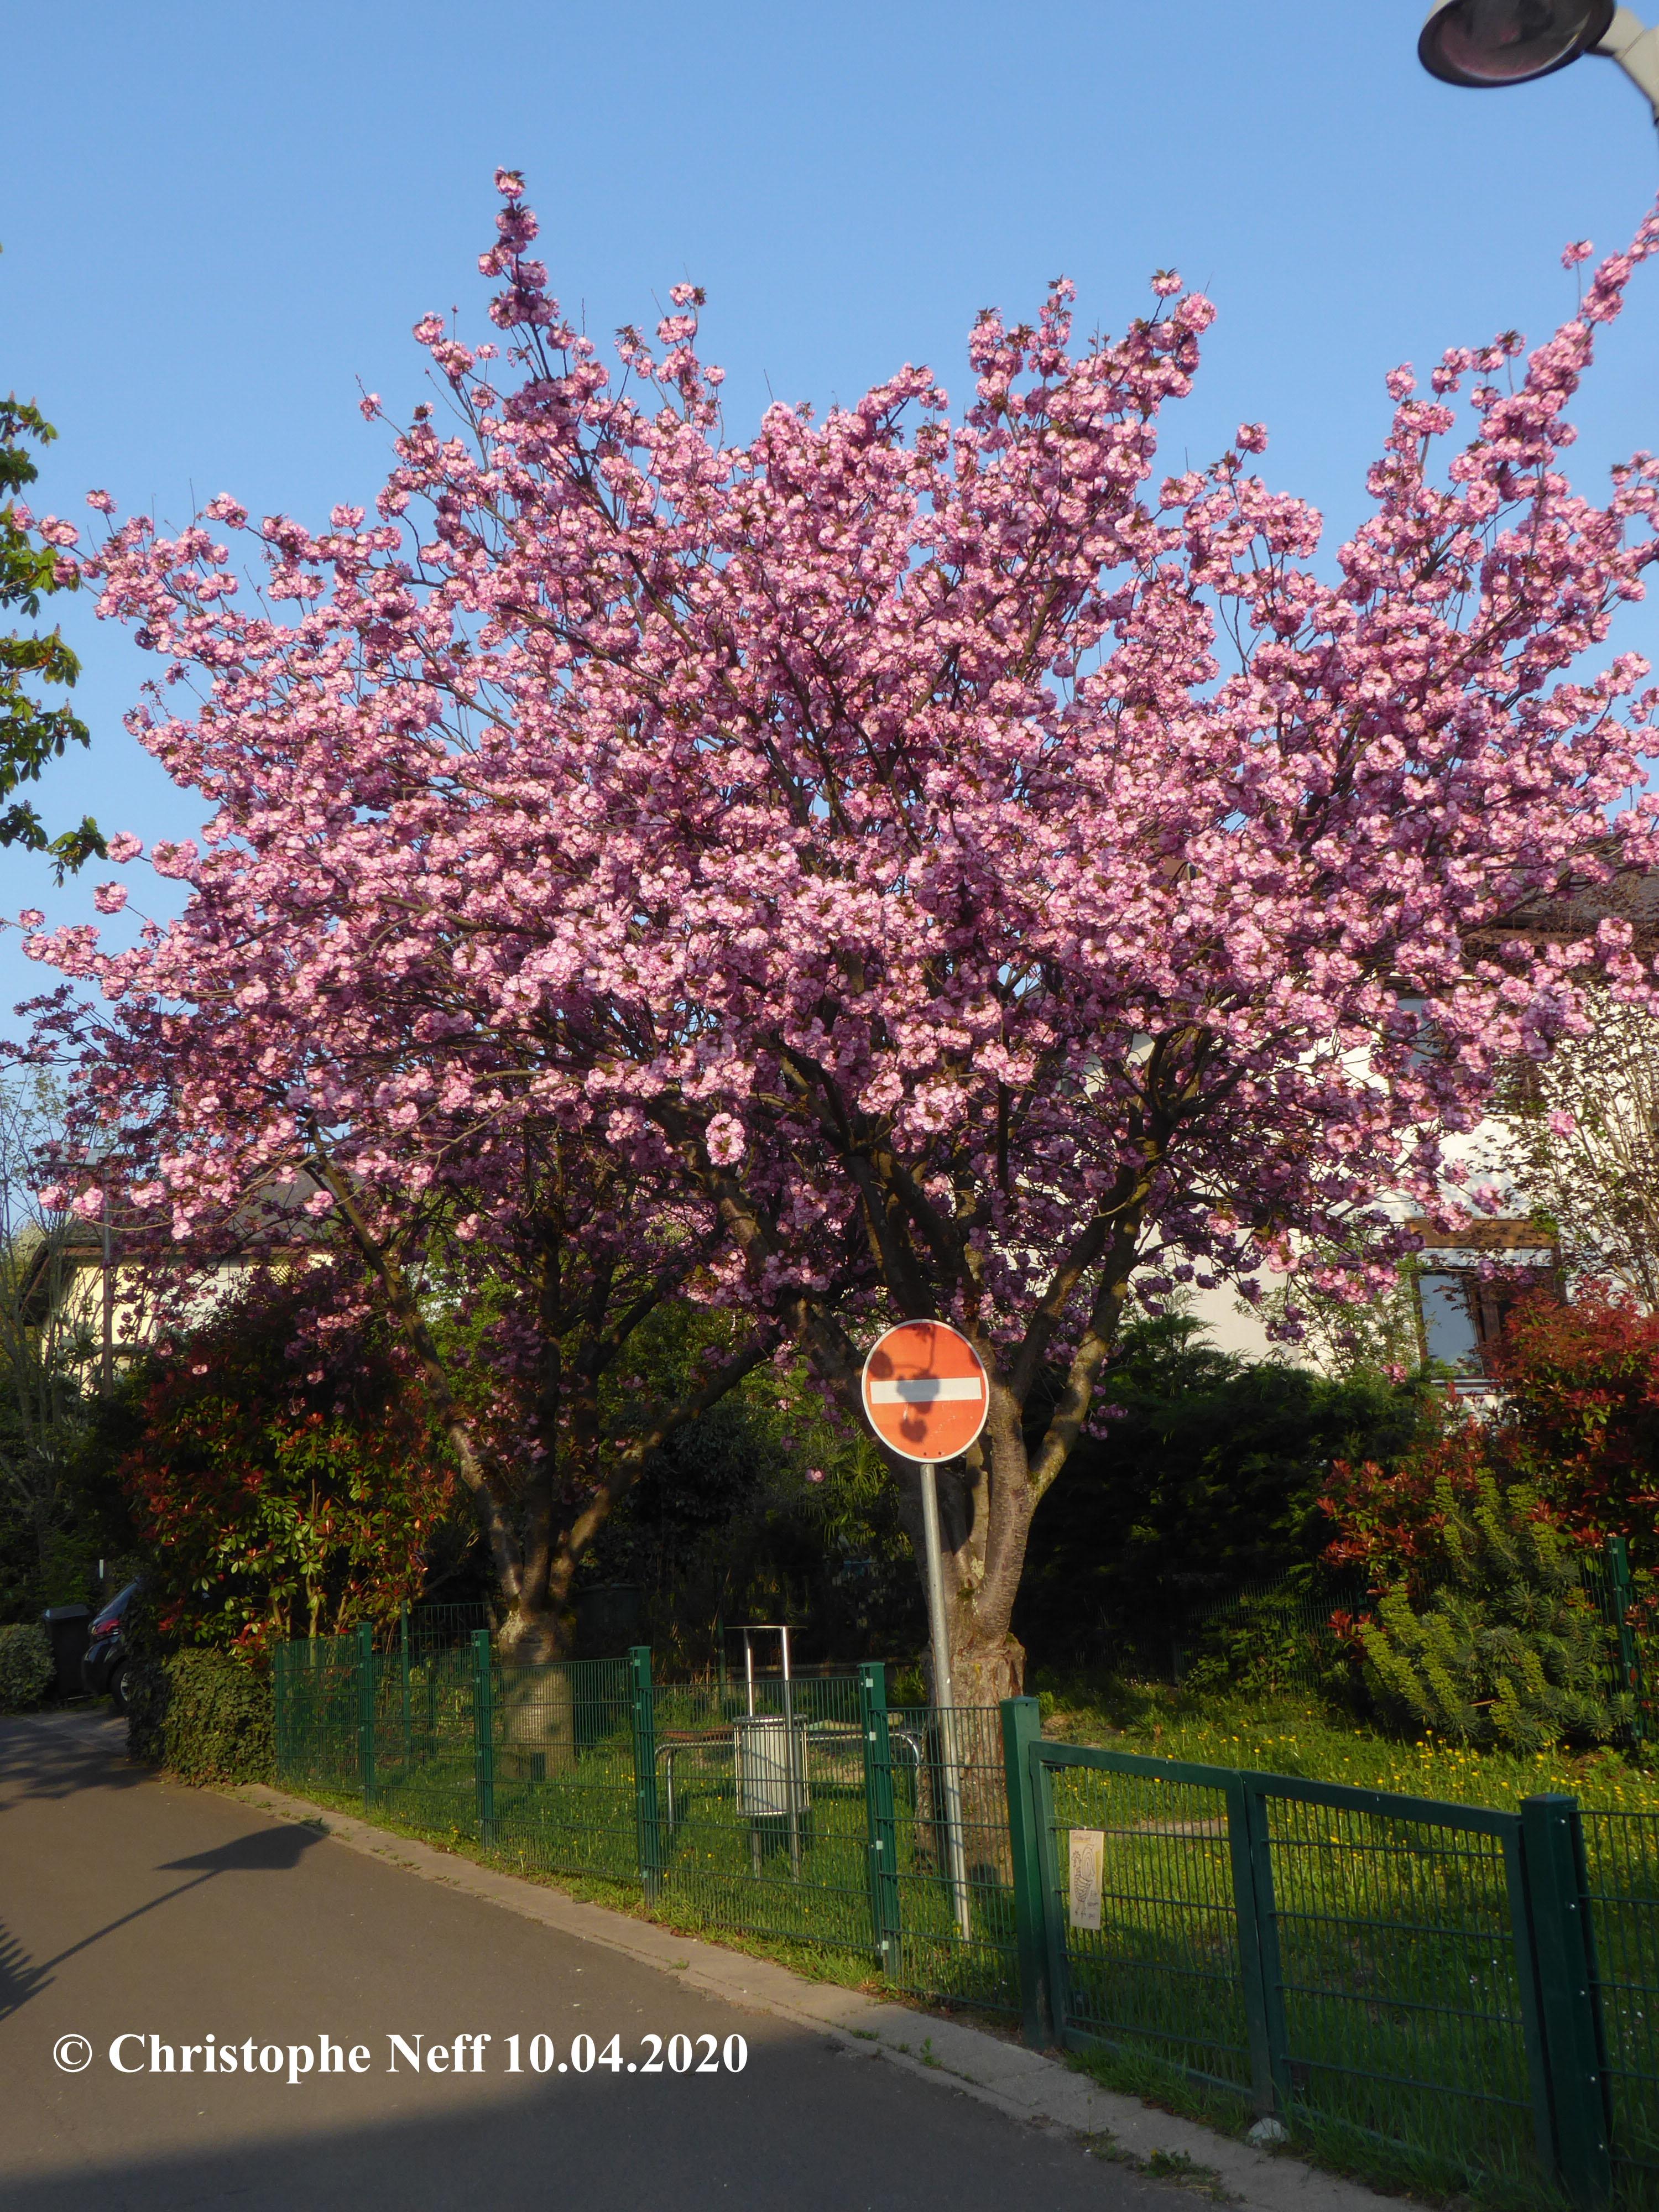 Prunus serrulata Büte Grünstadt Westring 10.04.2020